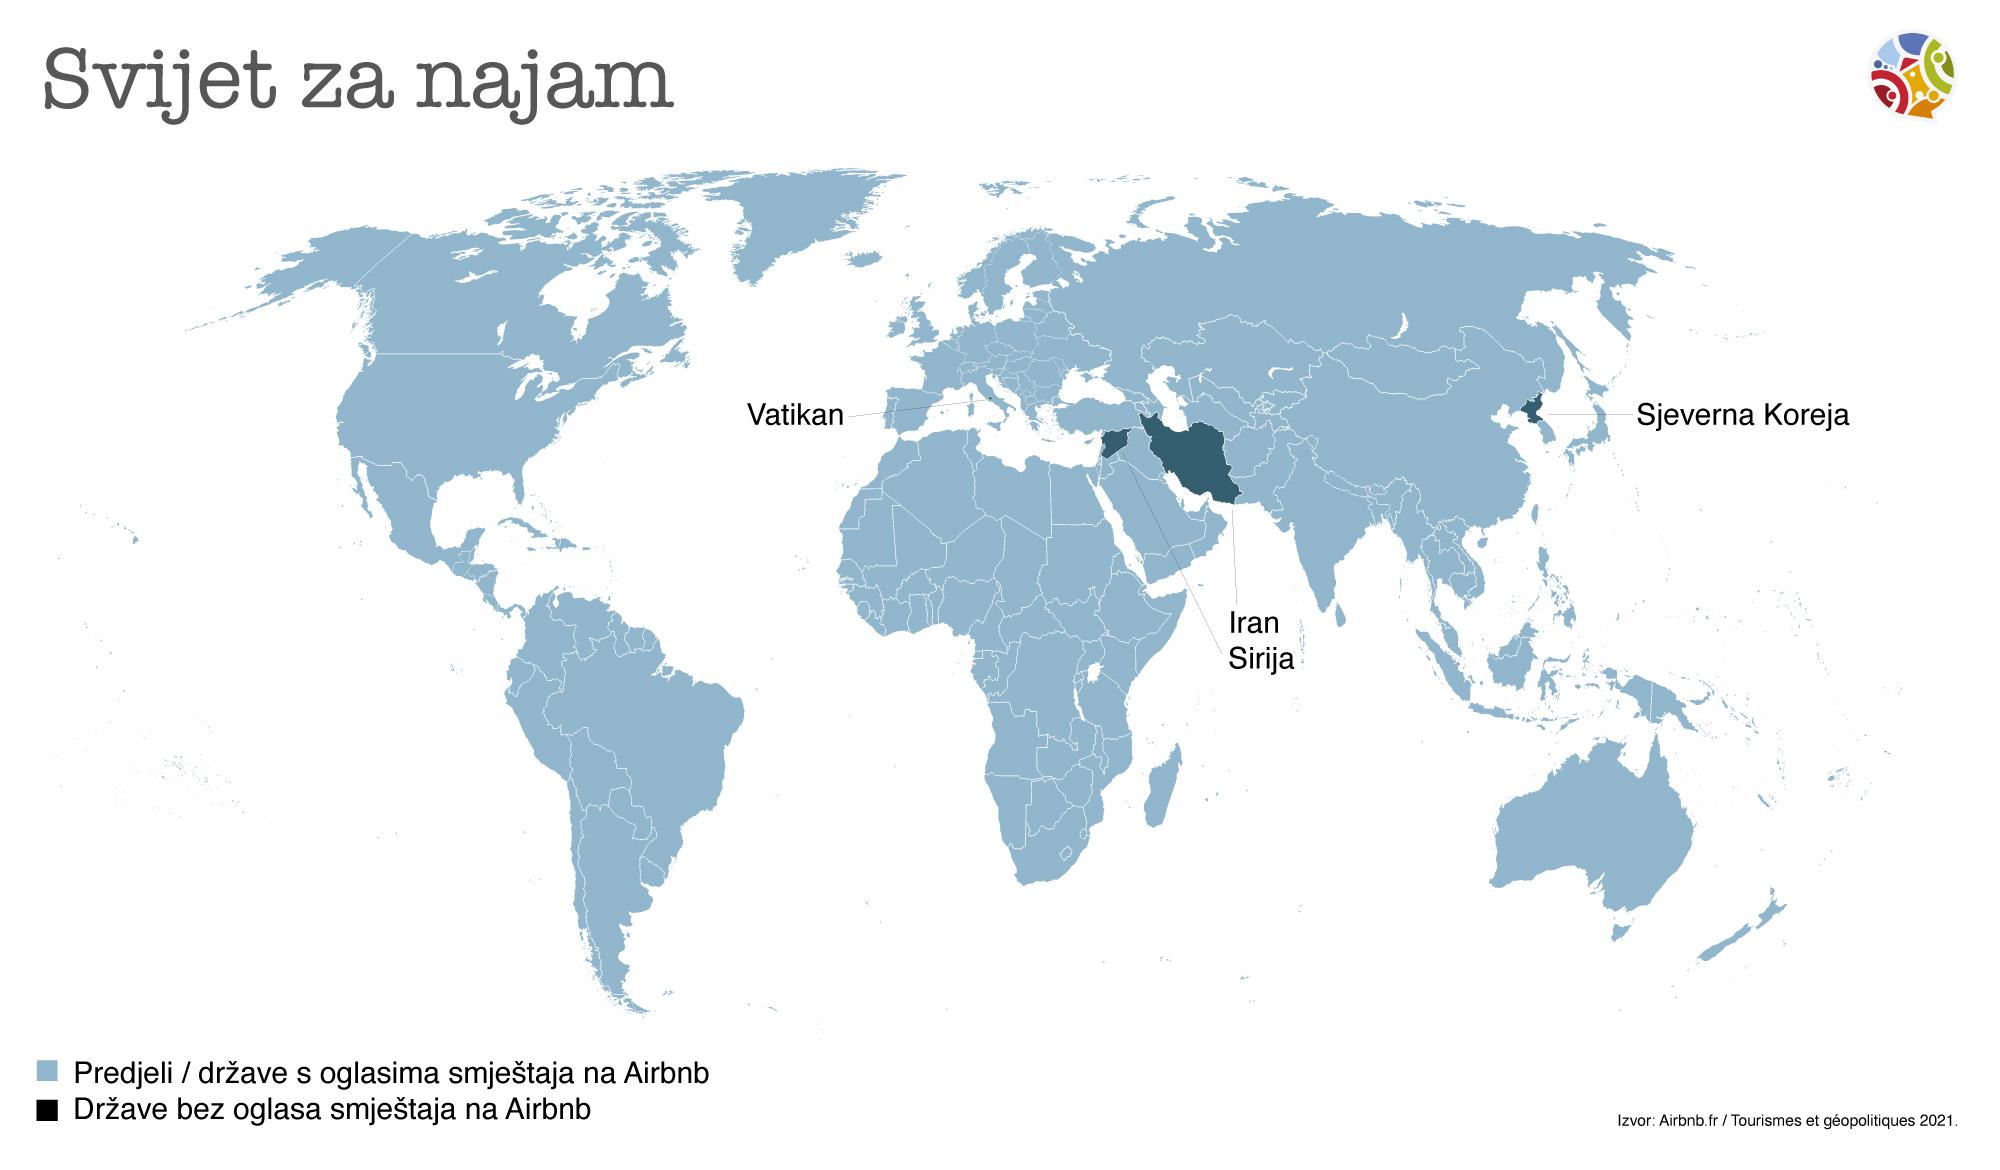 Koje države nemaju nijedan oglas na Airbnb?